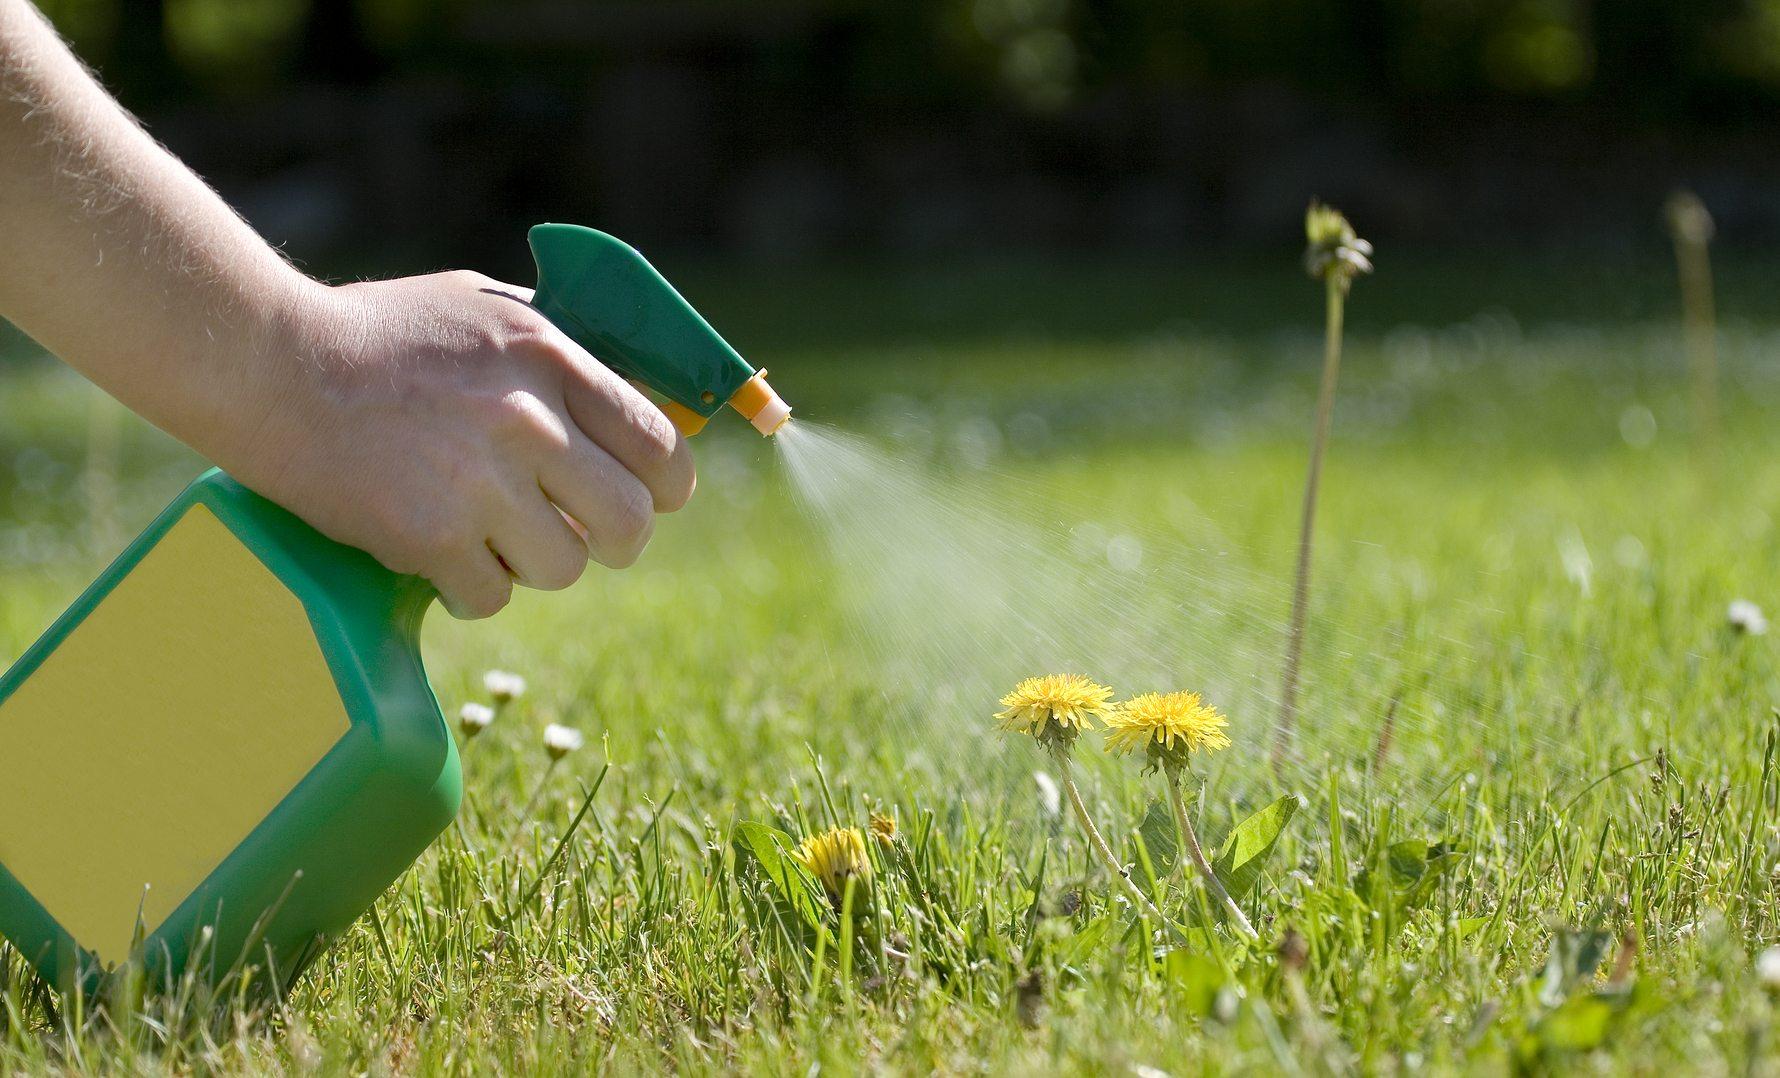 У пестицидов есть срок годности